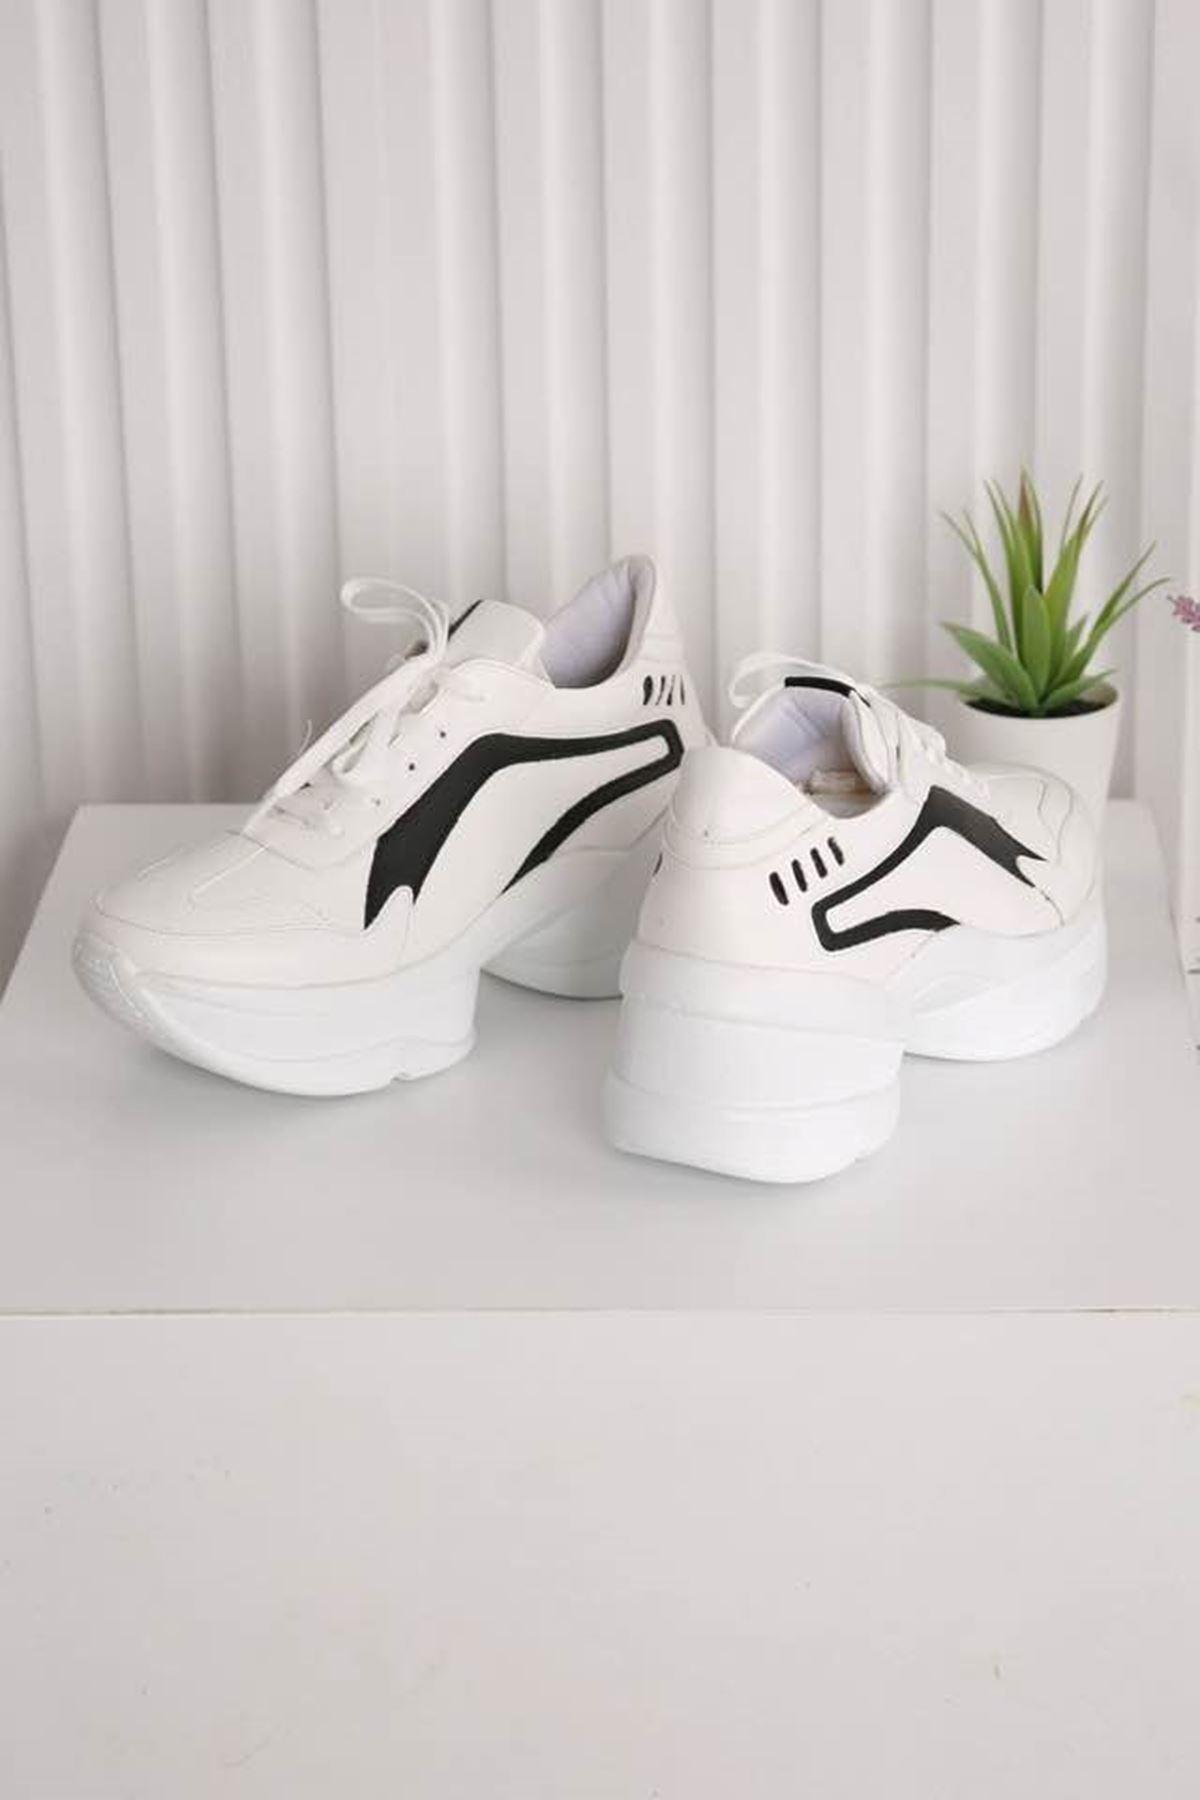 Spring  Beyaz Siyah  Spor Ayakkabı